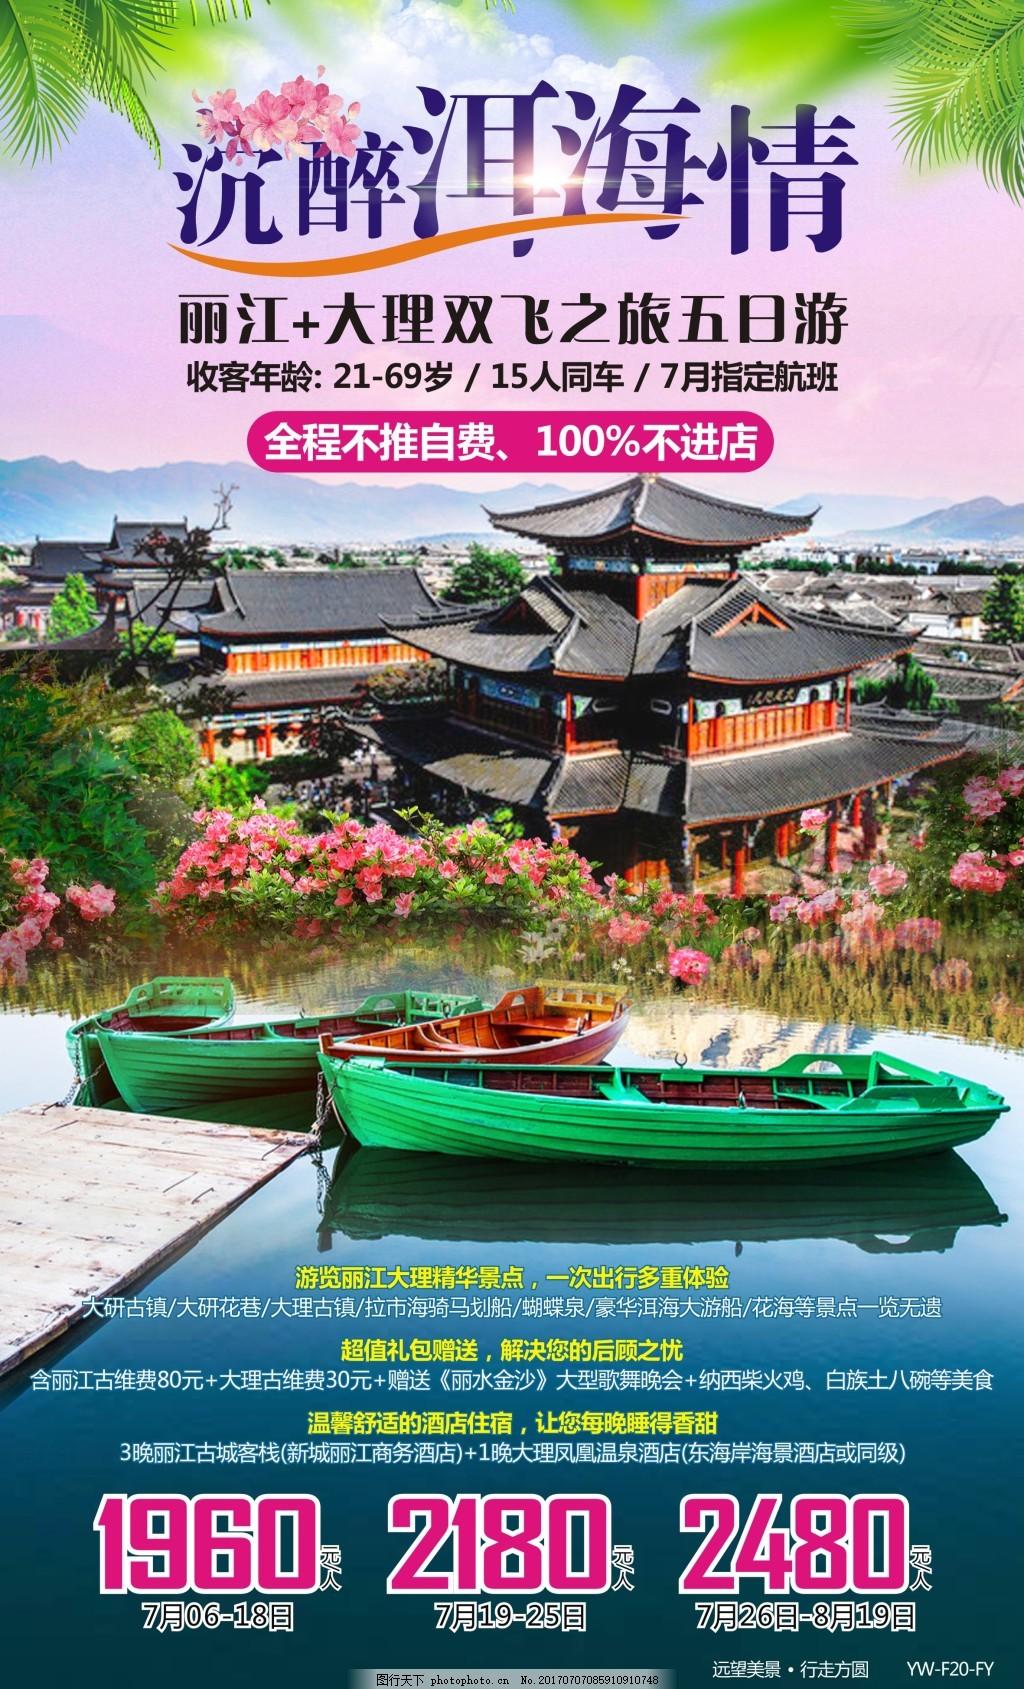 昆明 大理 洱海 旅游广告 旅游宣传图 摄影 洱海情侣 石林 丽江古镇